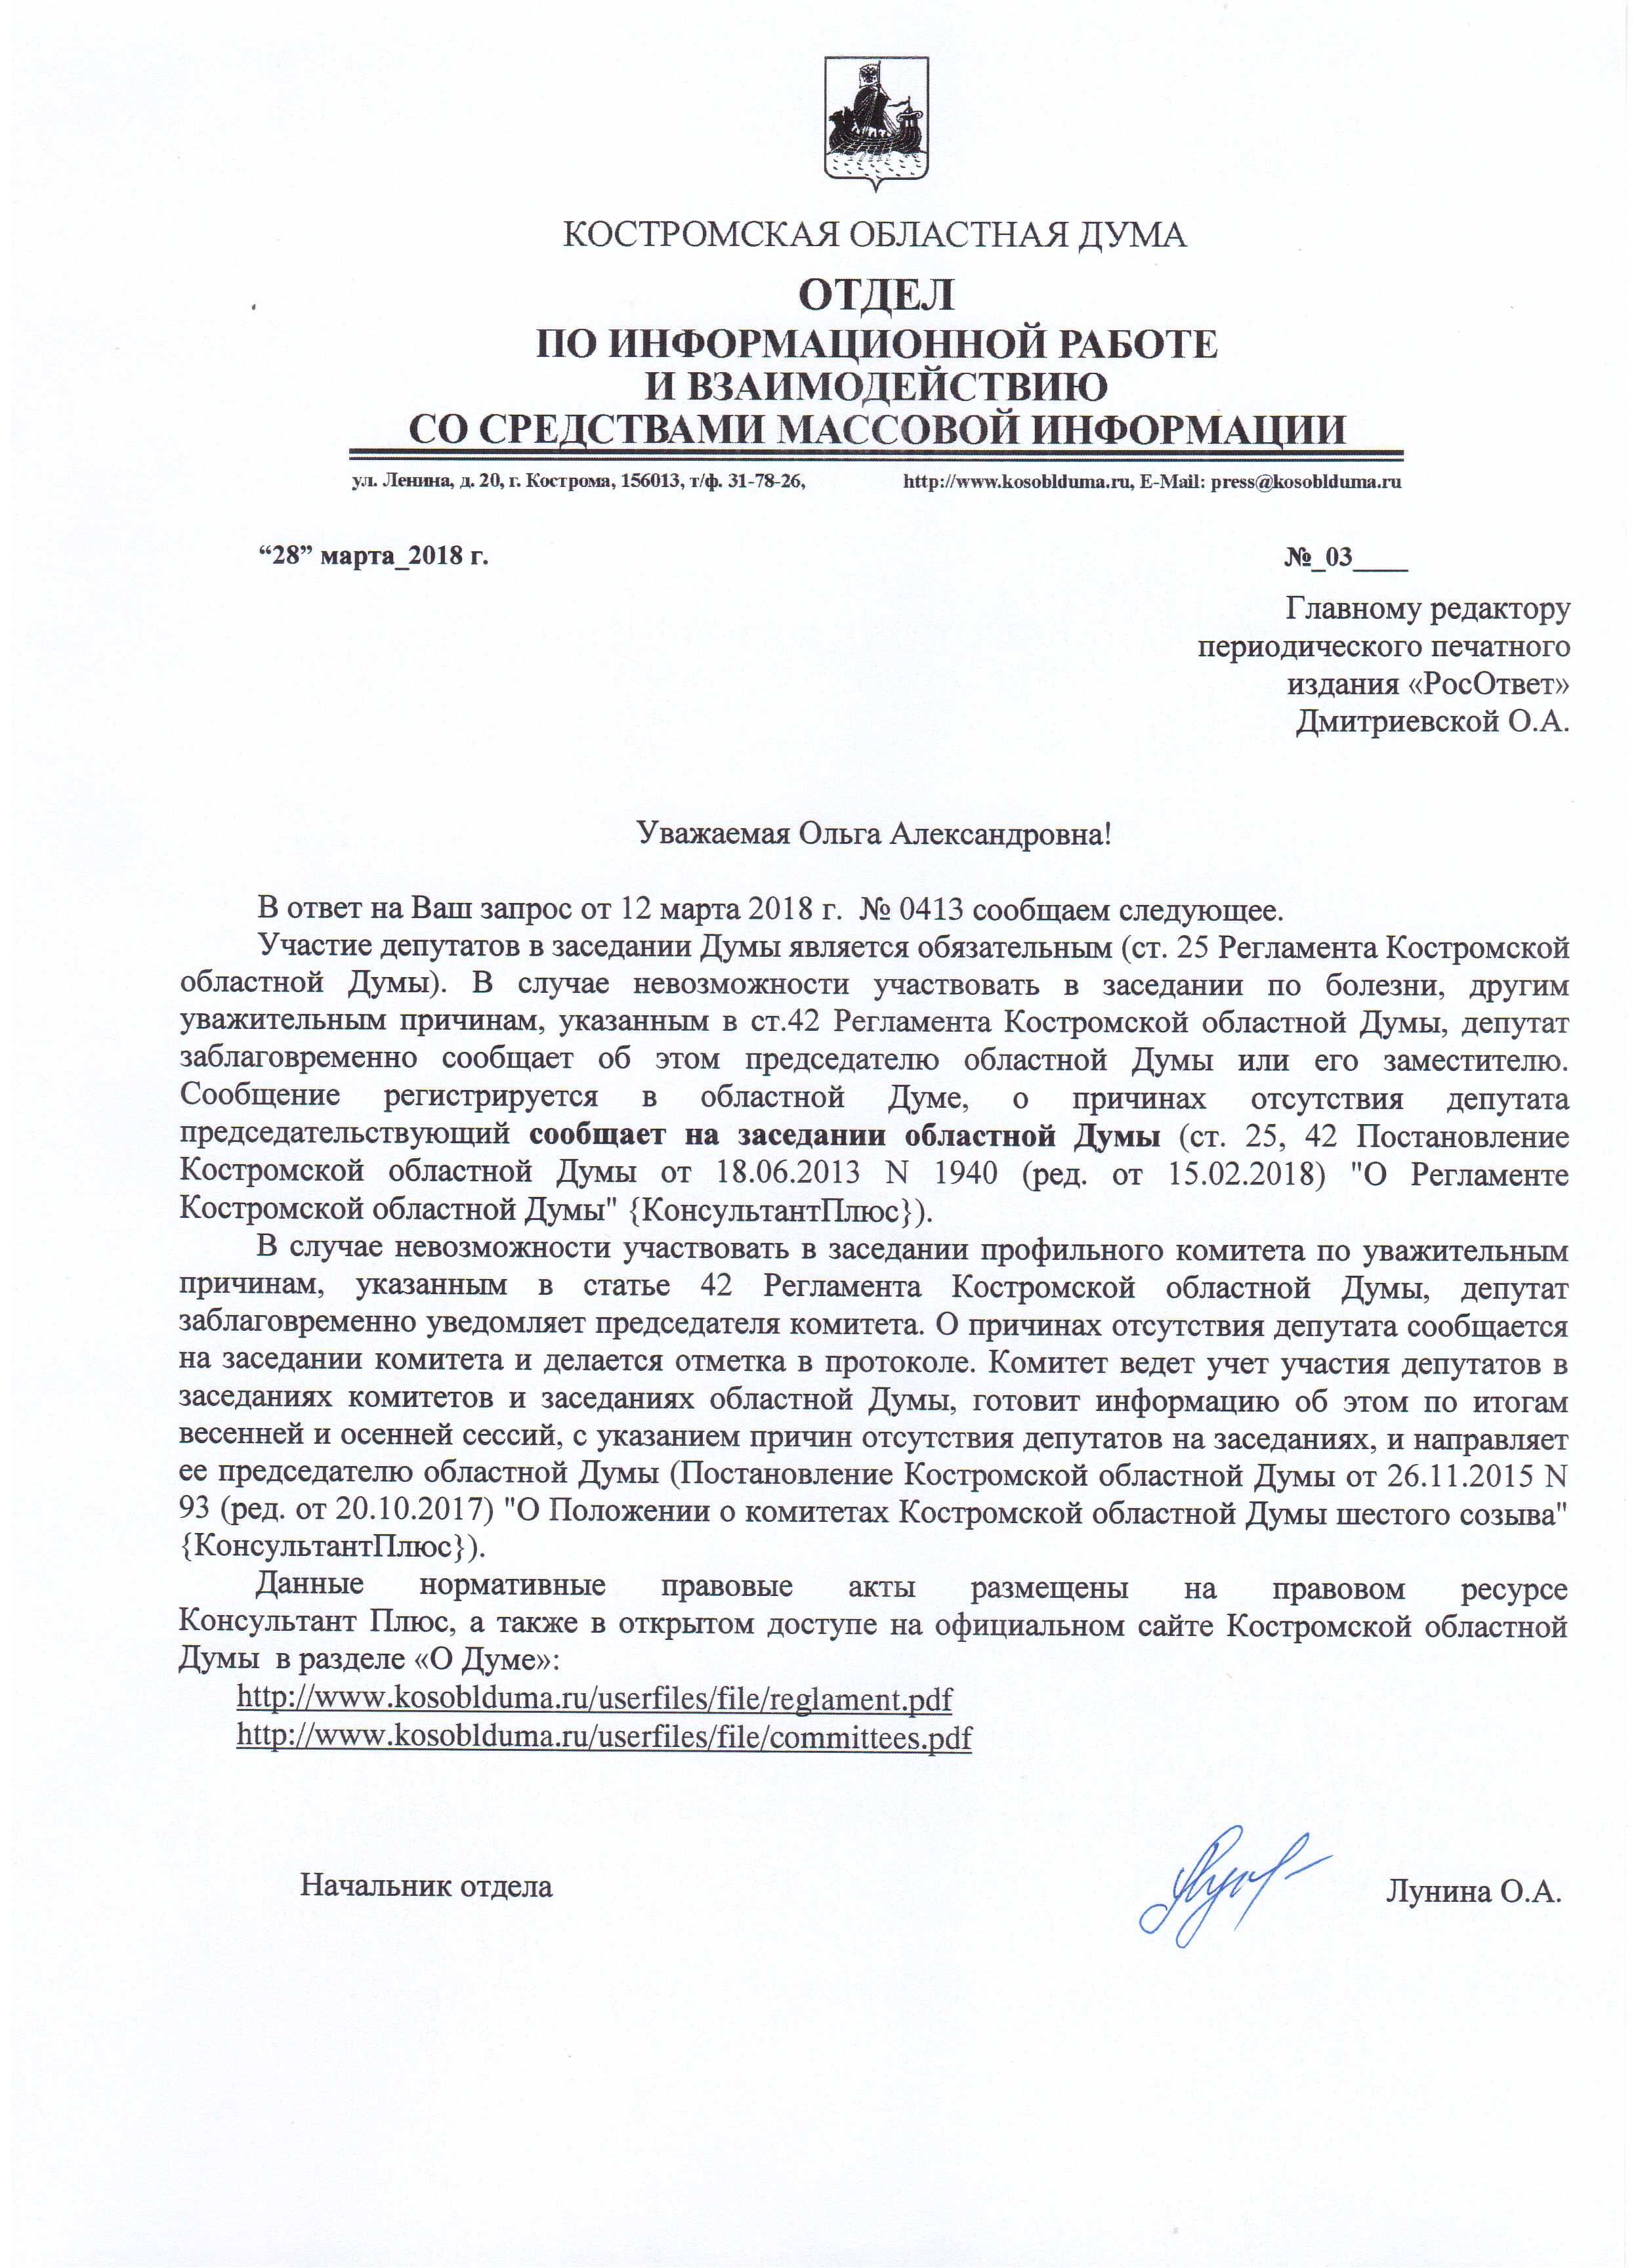 2018 Ответ из Костромской областной Думы о посещении депутатами заседаний